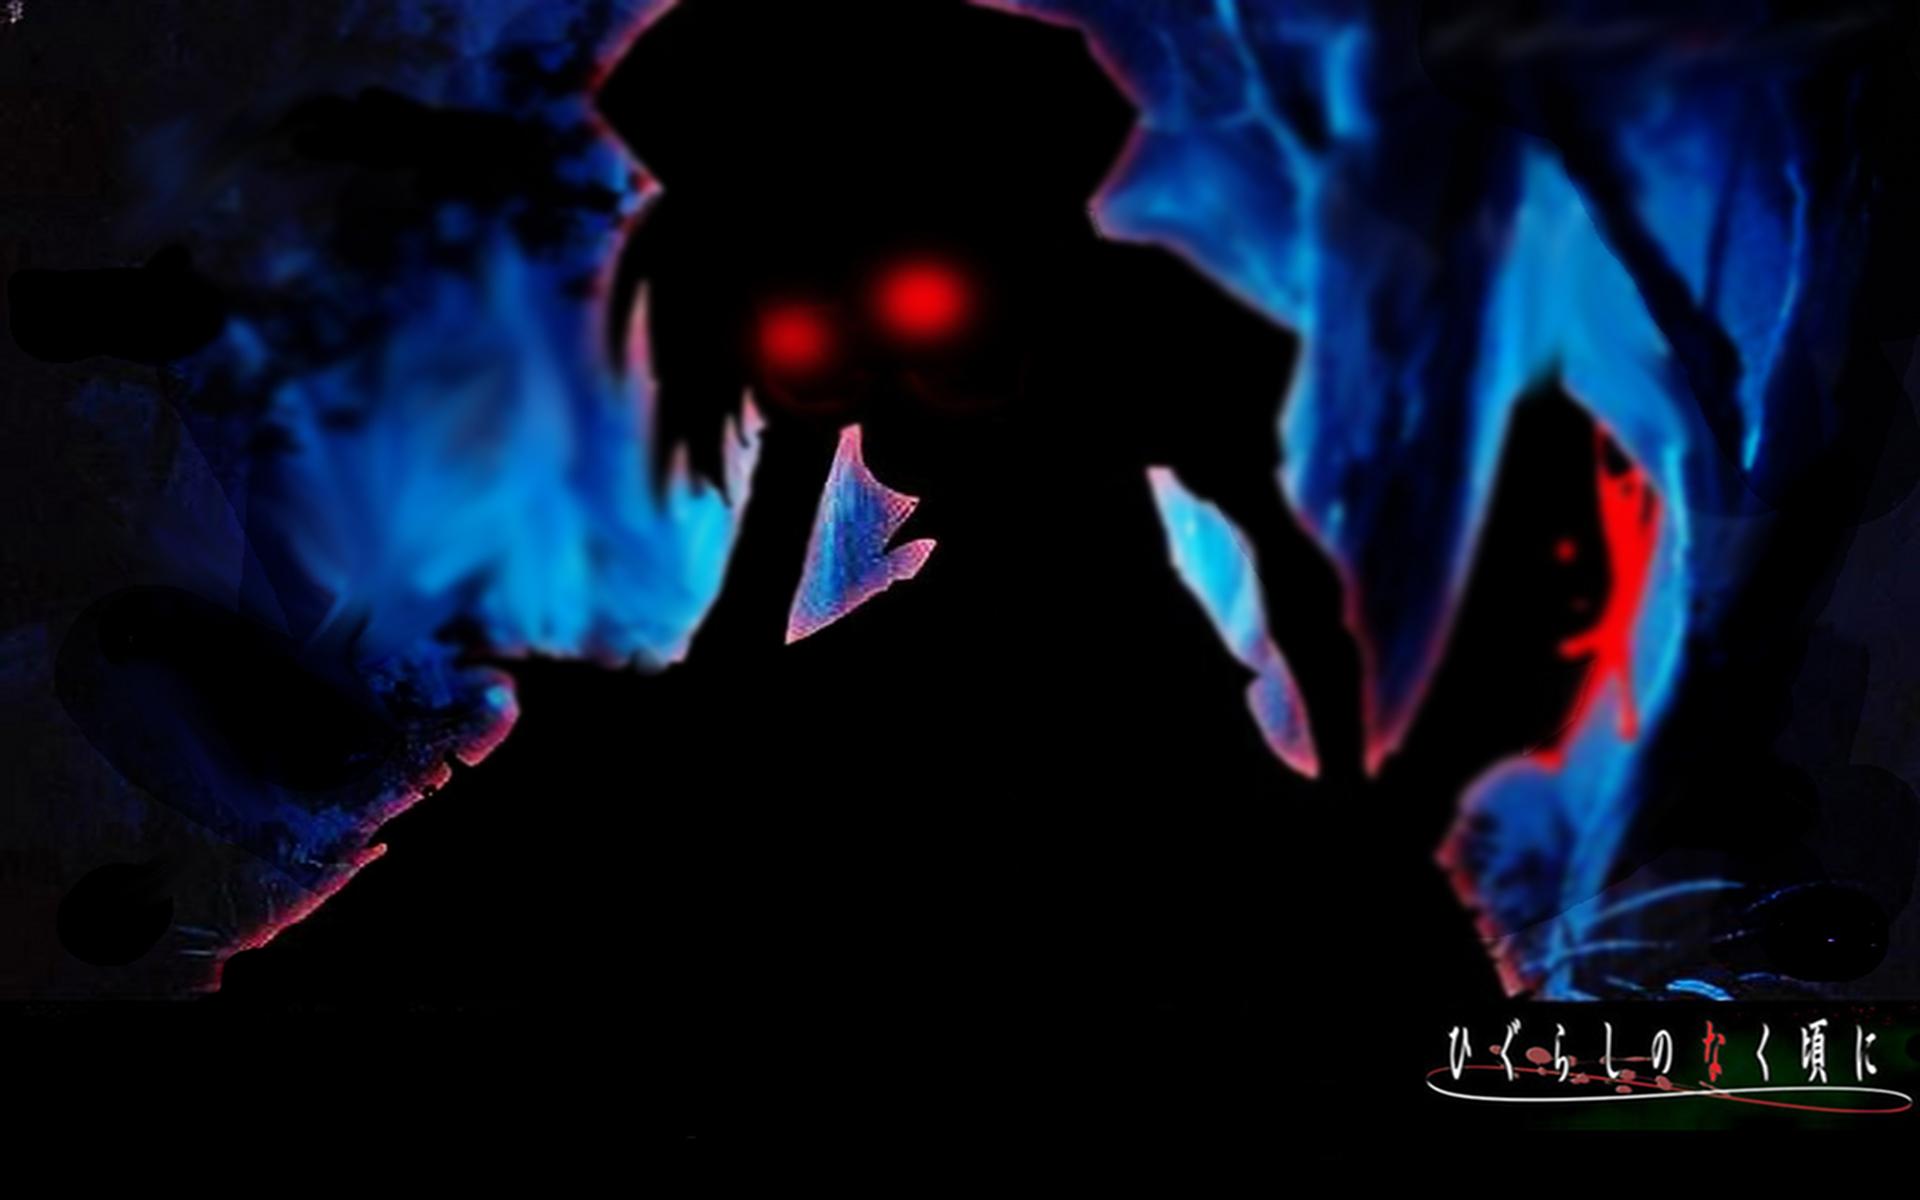 higurashi no naku koro ni gore